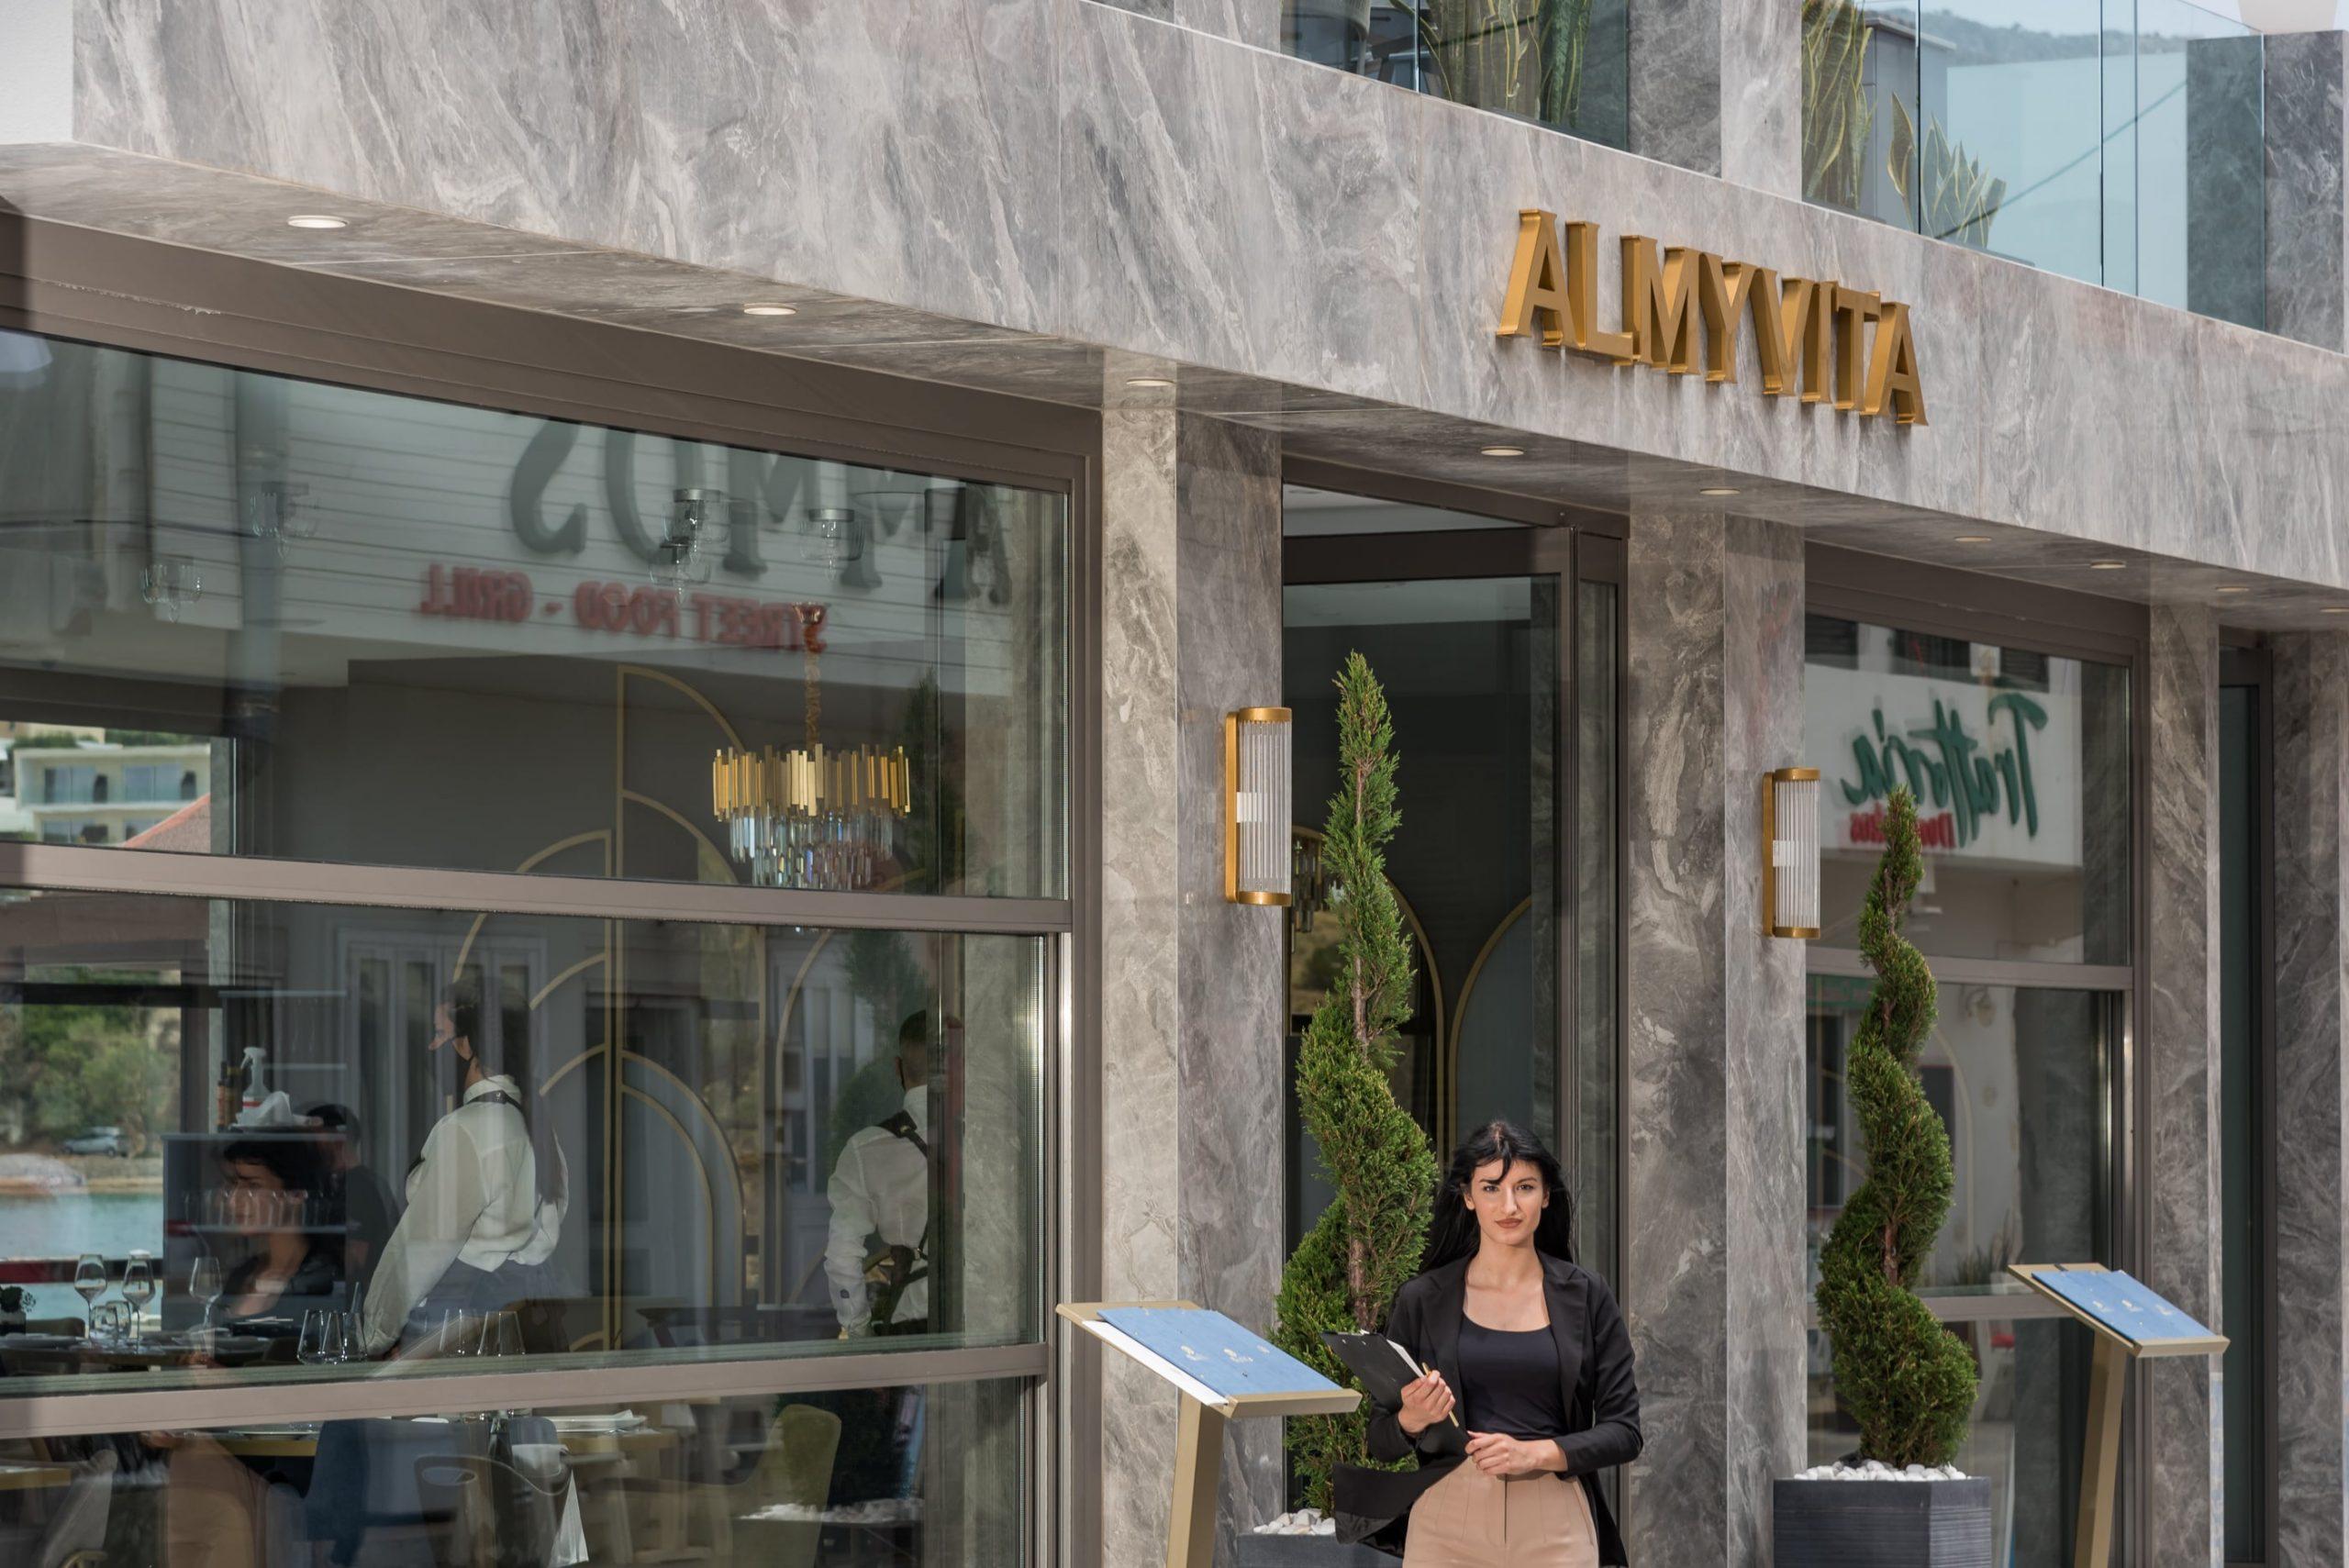 Γκουρμέ εστιατόρια Χανιά- Εστιατόρια Πολυτελείας Χανιά- Εστιατόριο με Θέα Almyvita